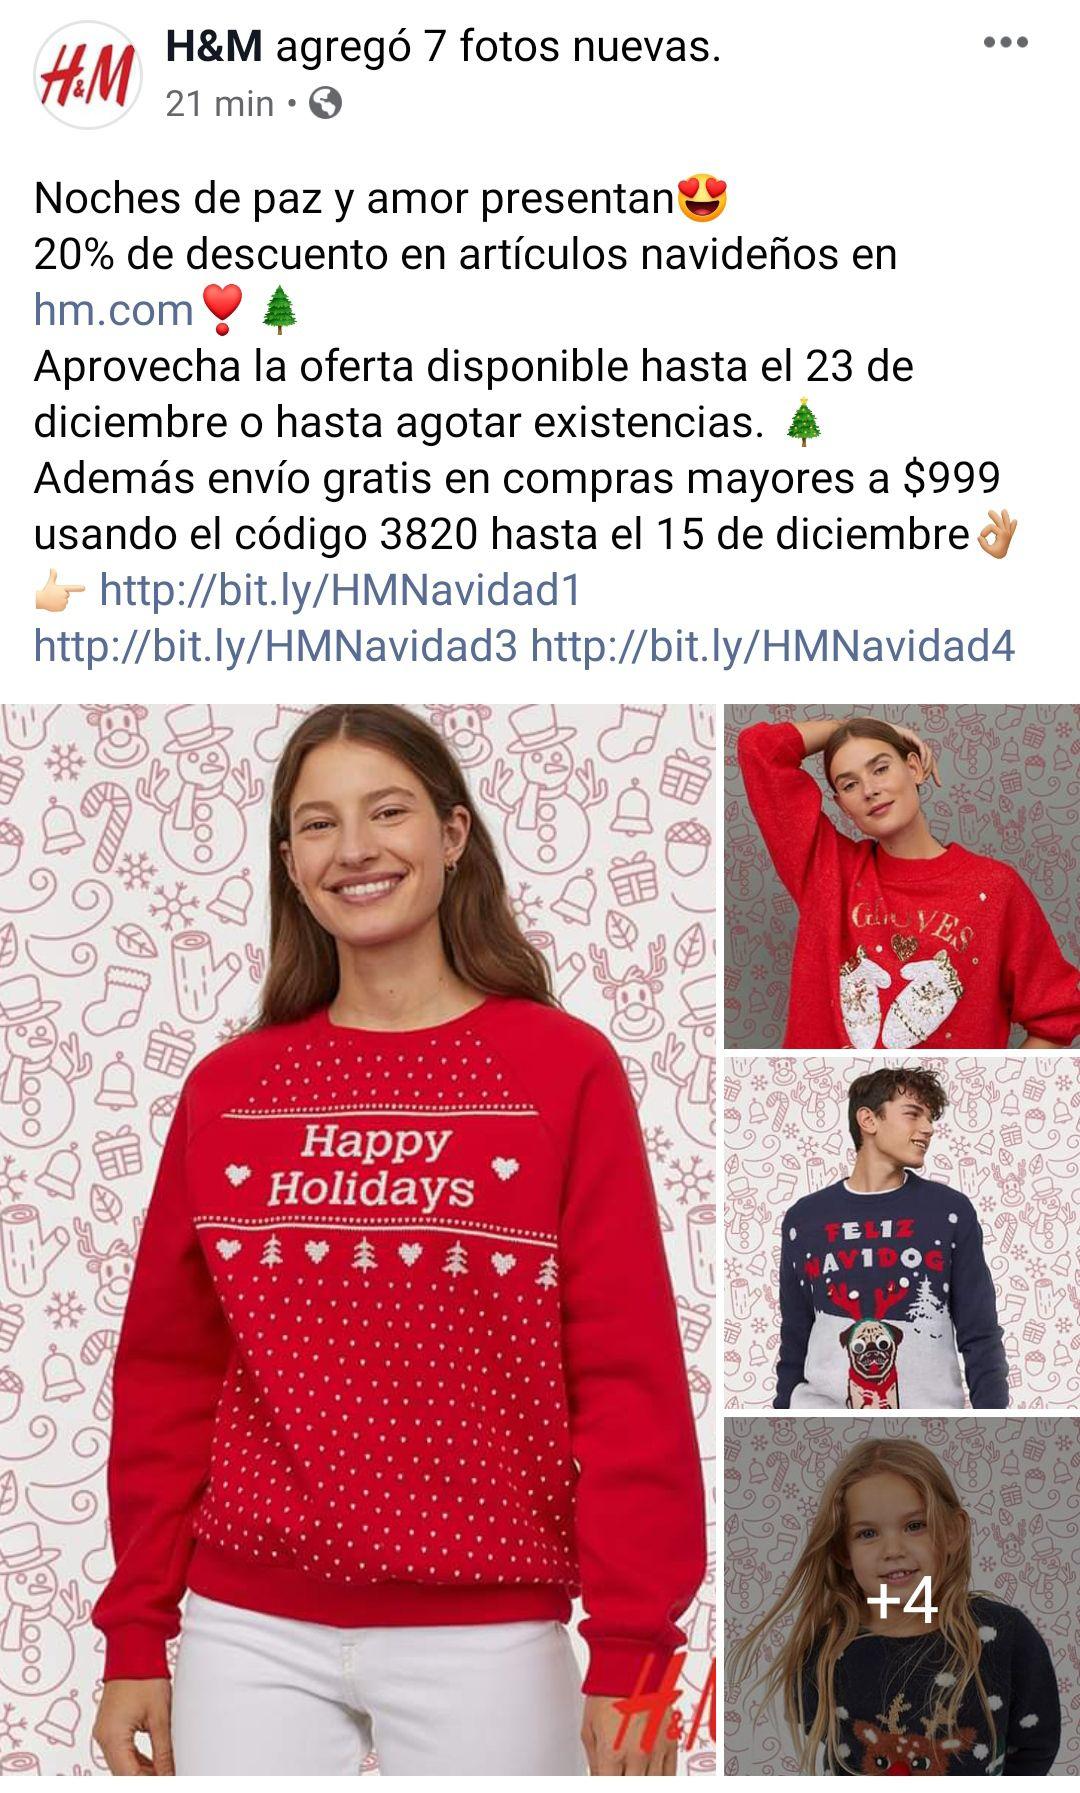 H&M: 20% de descuento en artículos navideños